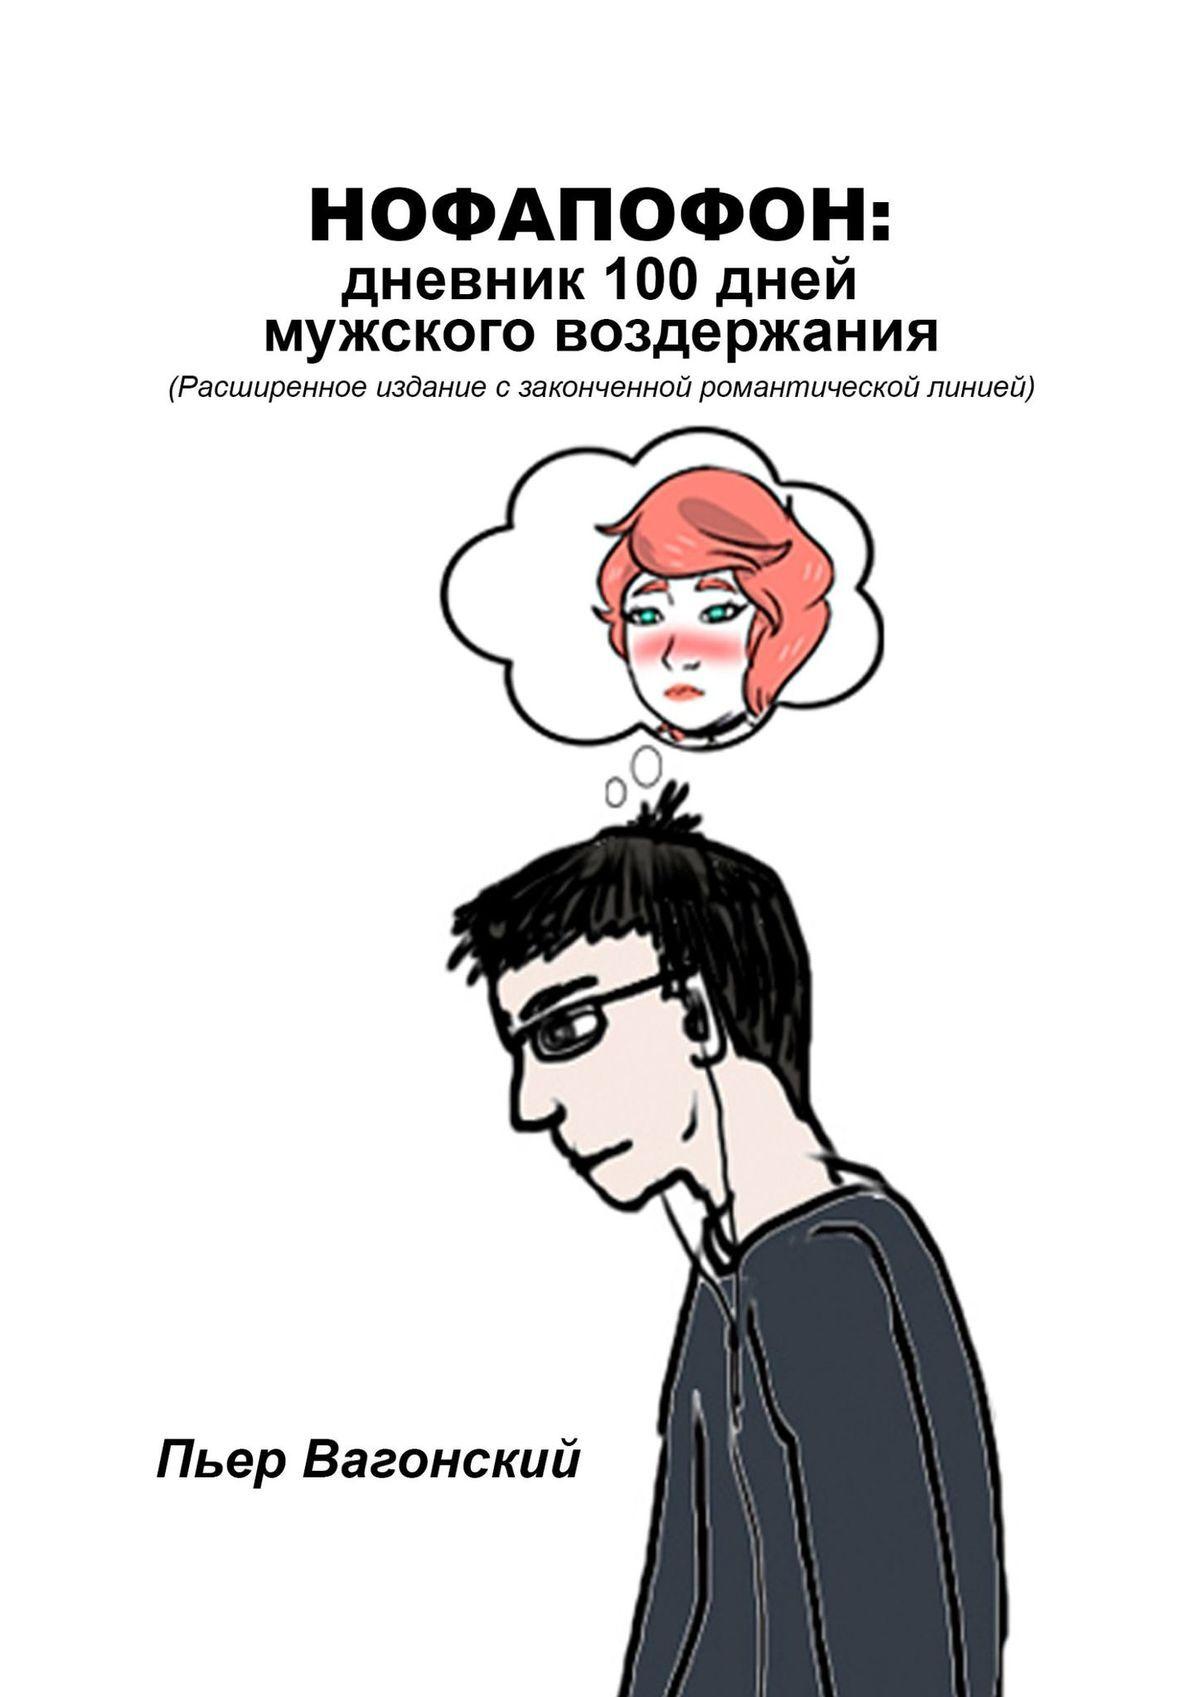 Купить книгу Нофапофон: дневник 100дней мужского воздержания, автора Павла Щербины